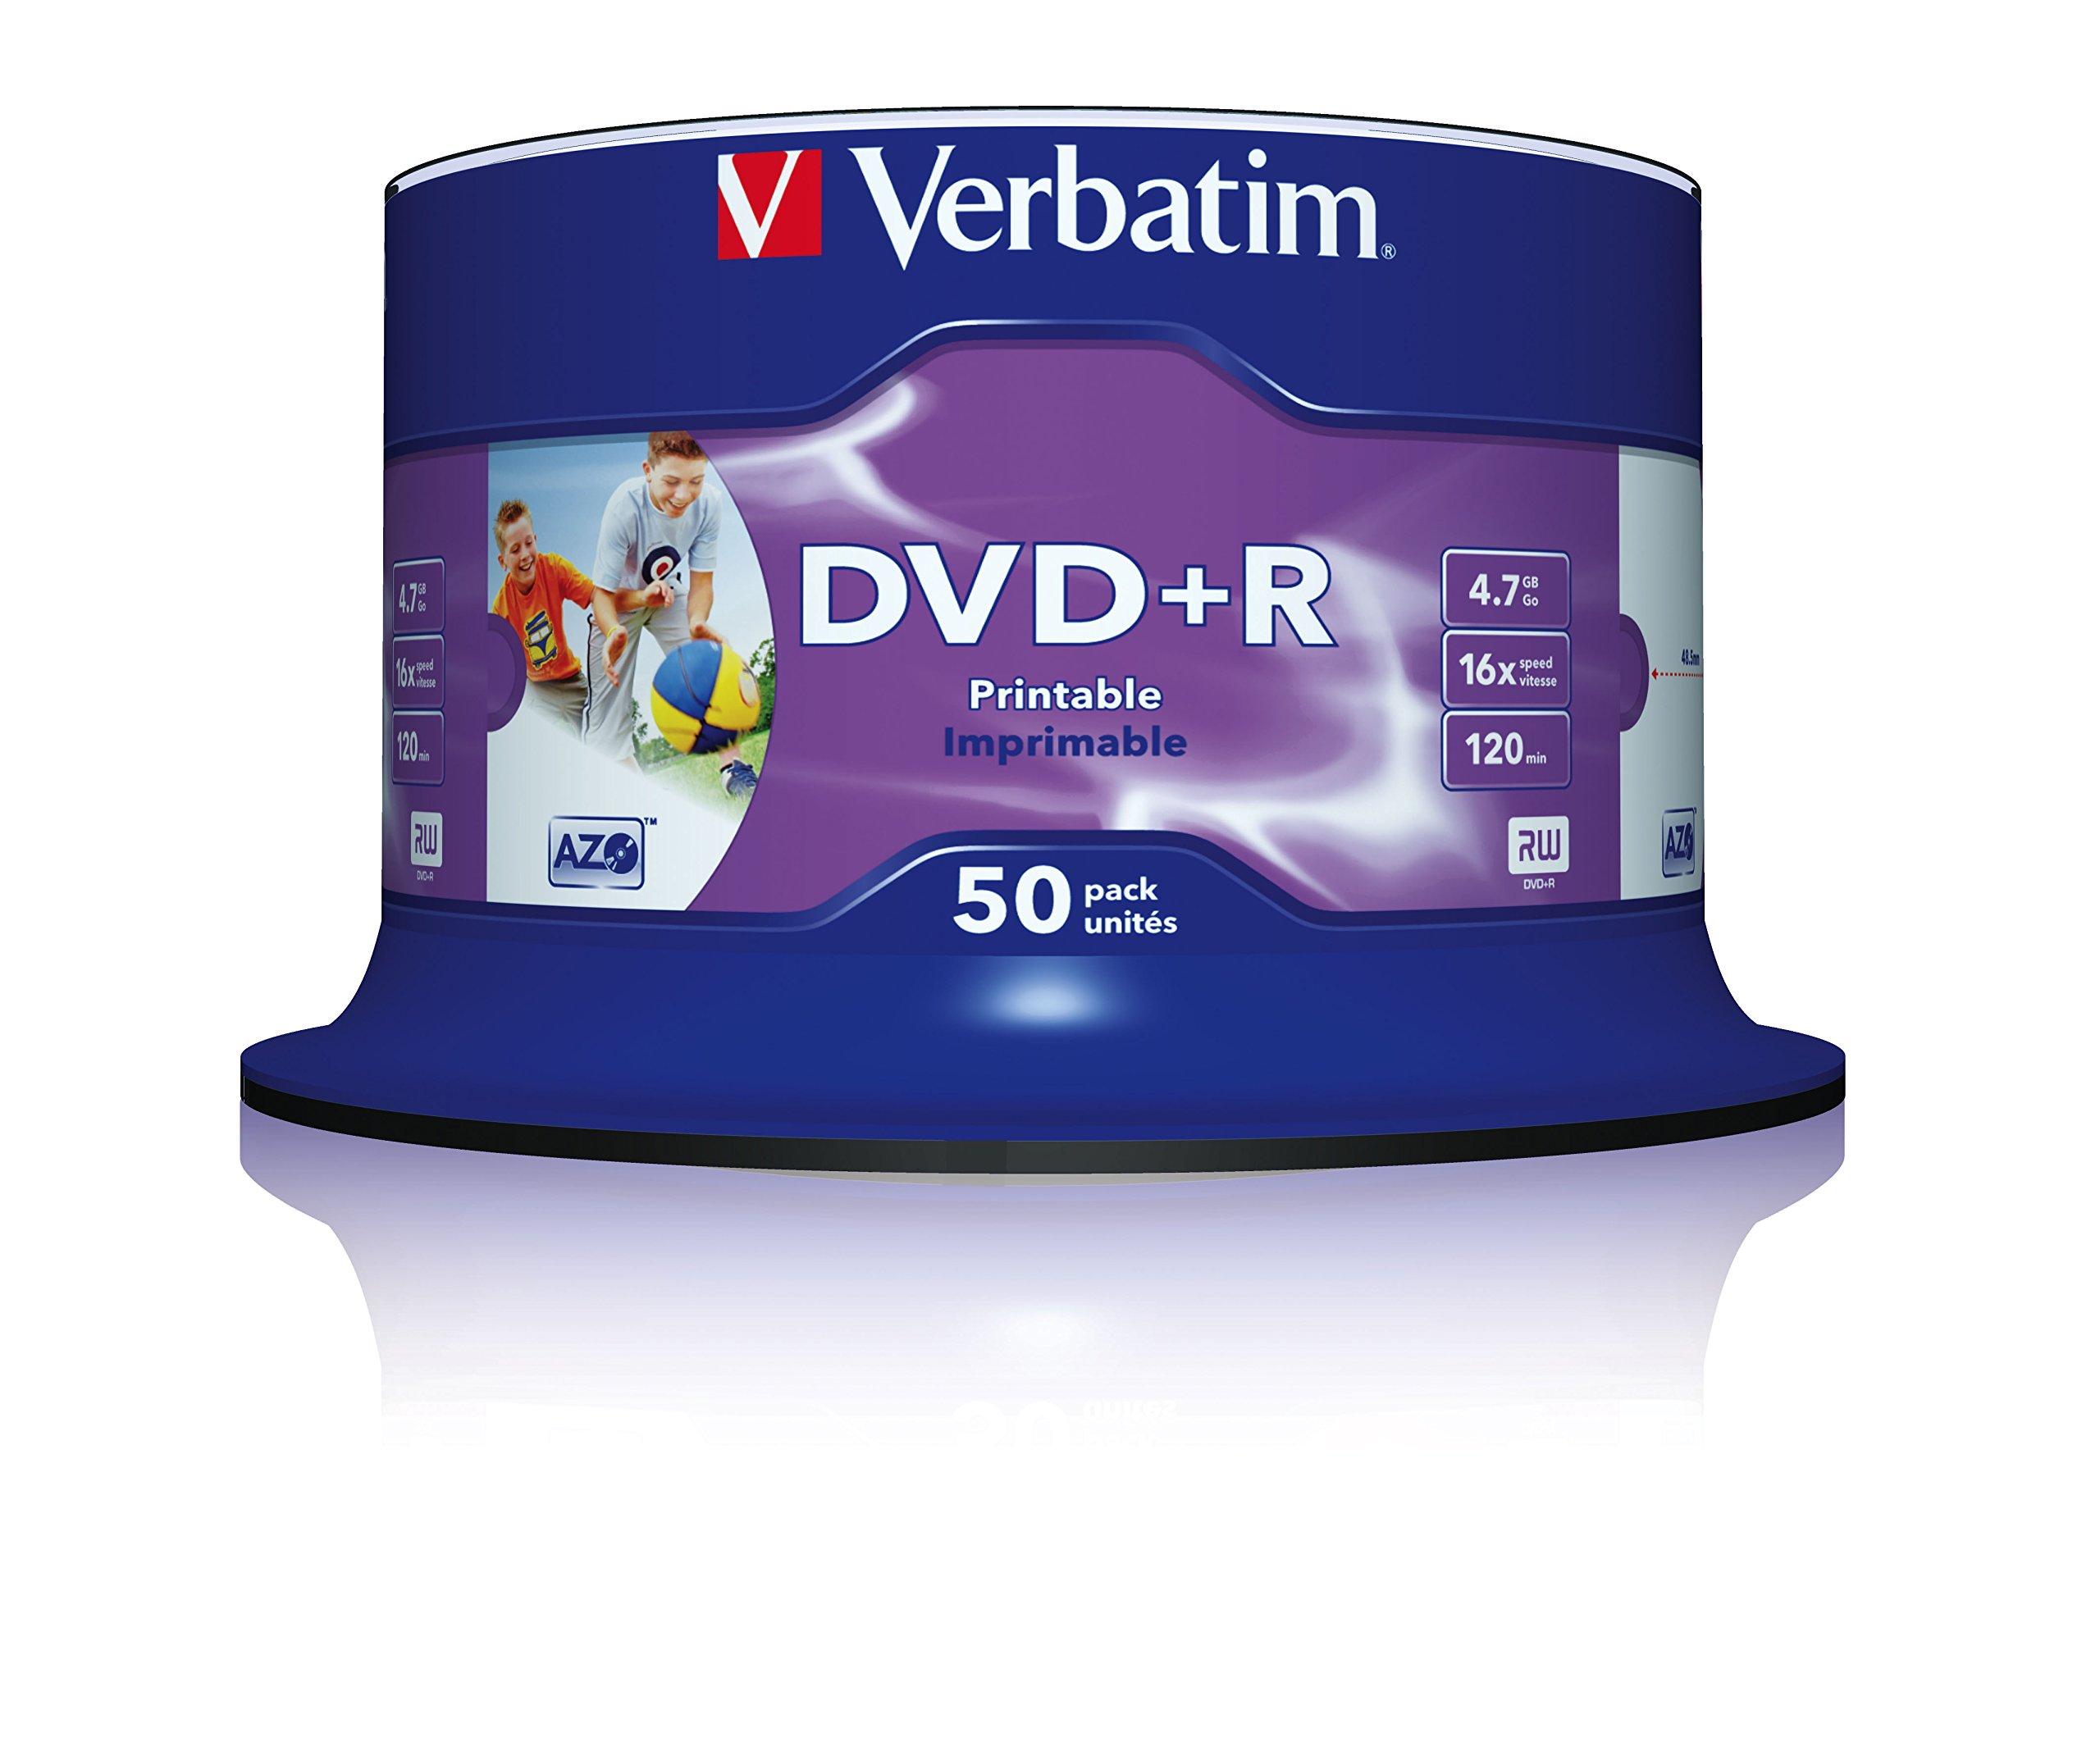 Verbatim DVD+R pack de 50 dvds vírgenes, 4,7 GB, 120 mm: Amazon.es: Informática